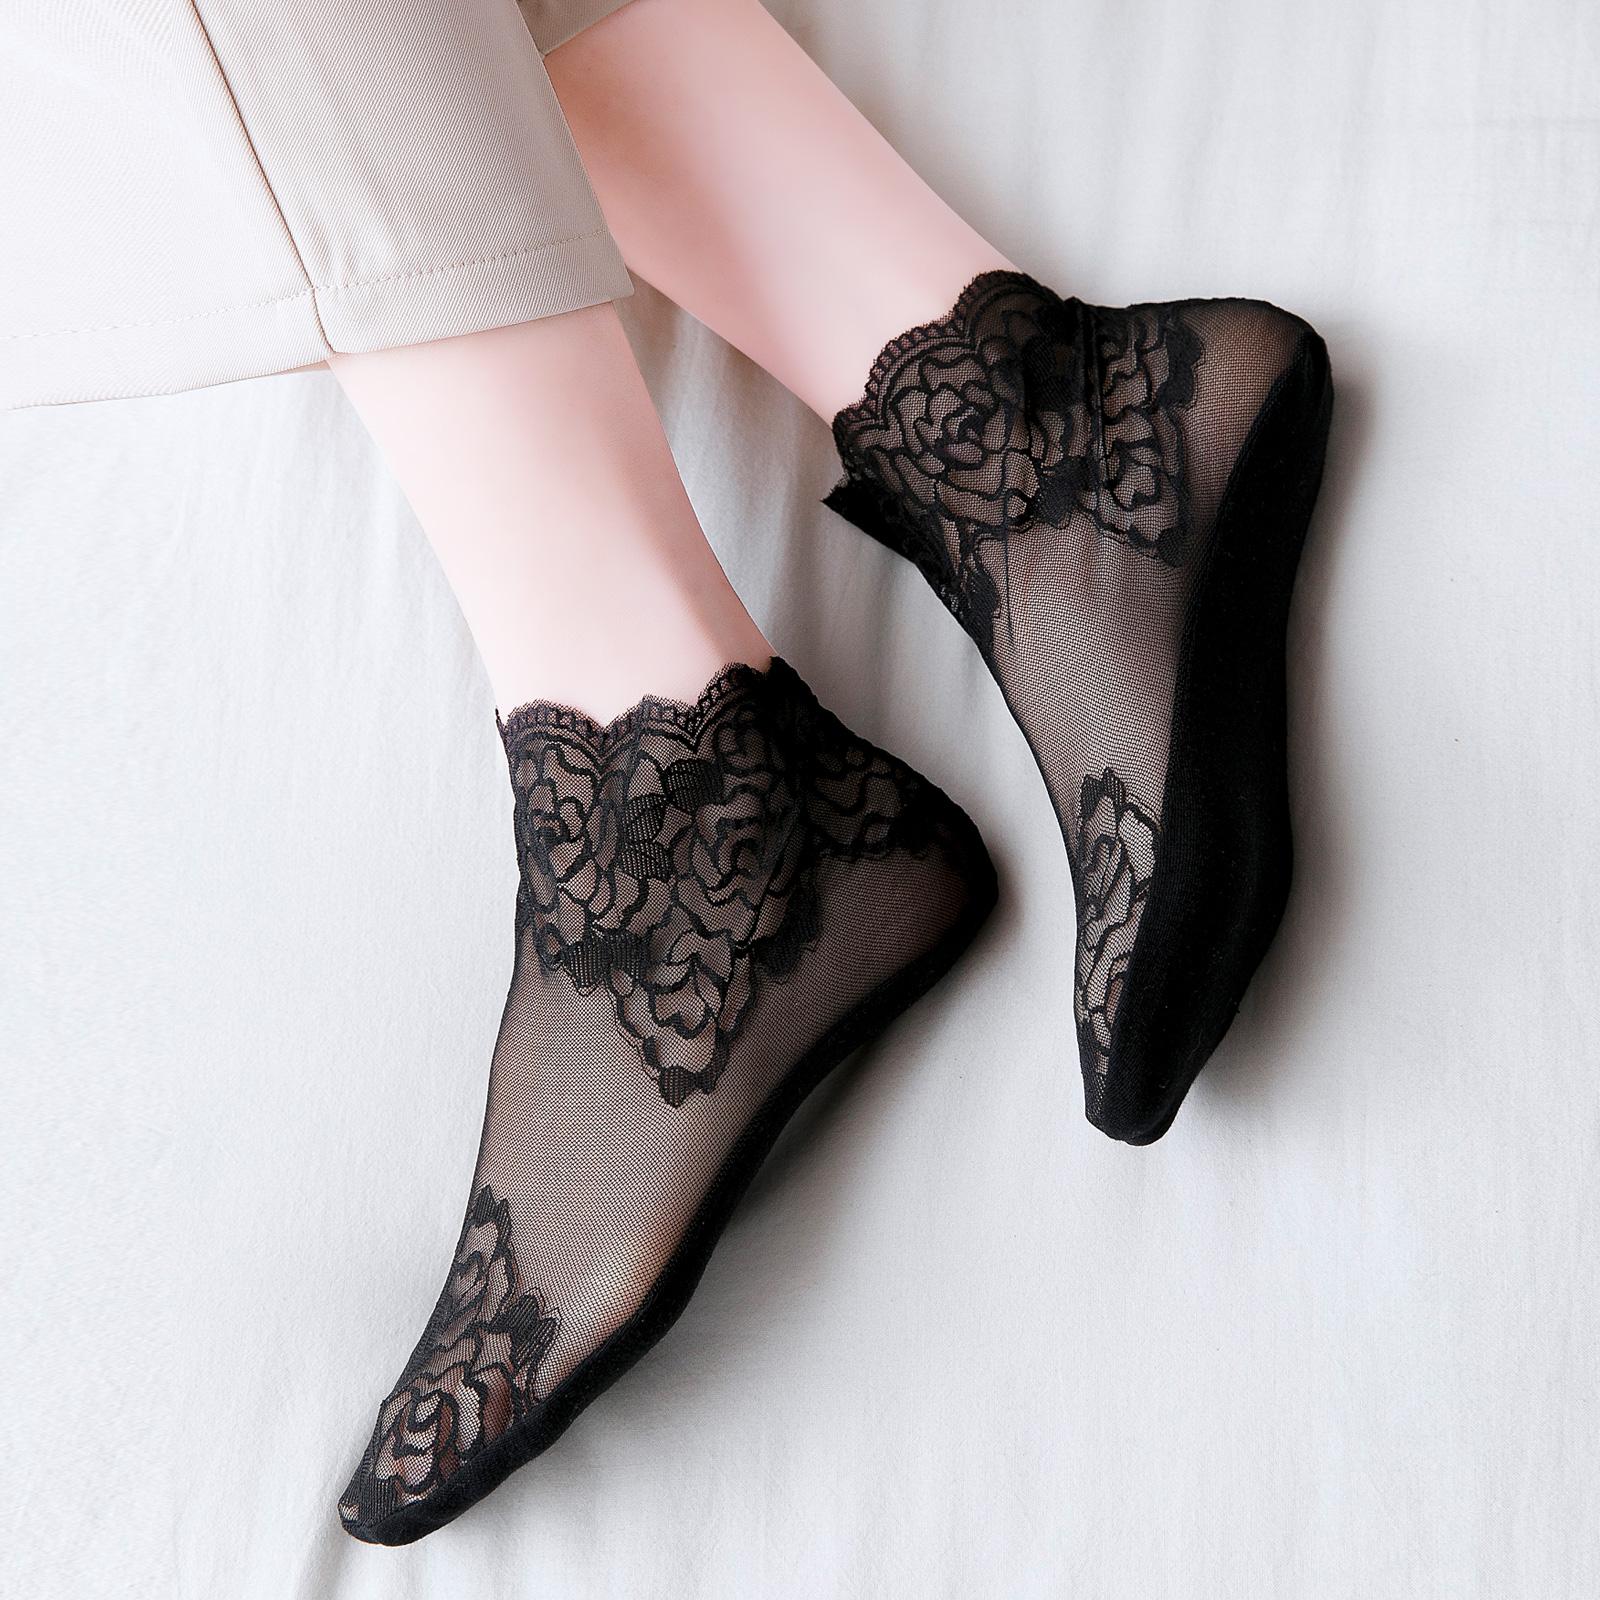 韩国蕾丝袜子女花边短袜浅口夏天日系女士船袜夏季薄款透气水晶袜